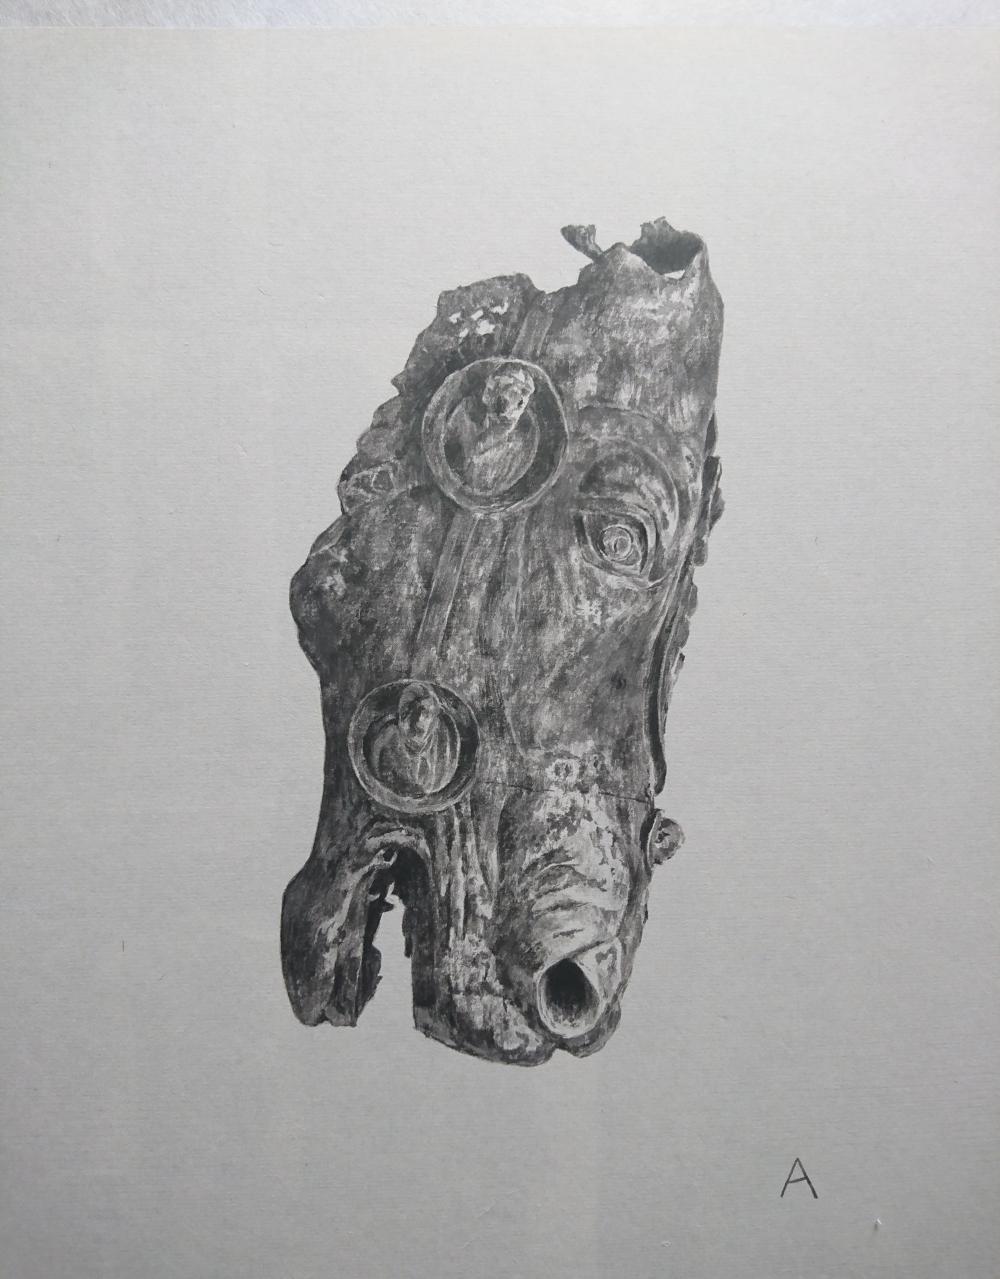 中島 淳志/古代ローマの馬頭/exid13927wid11540